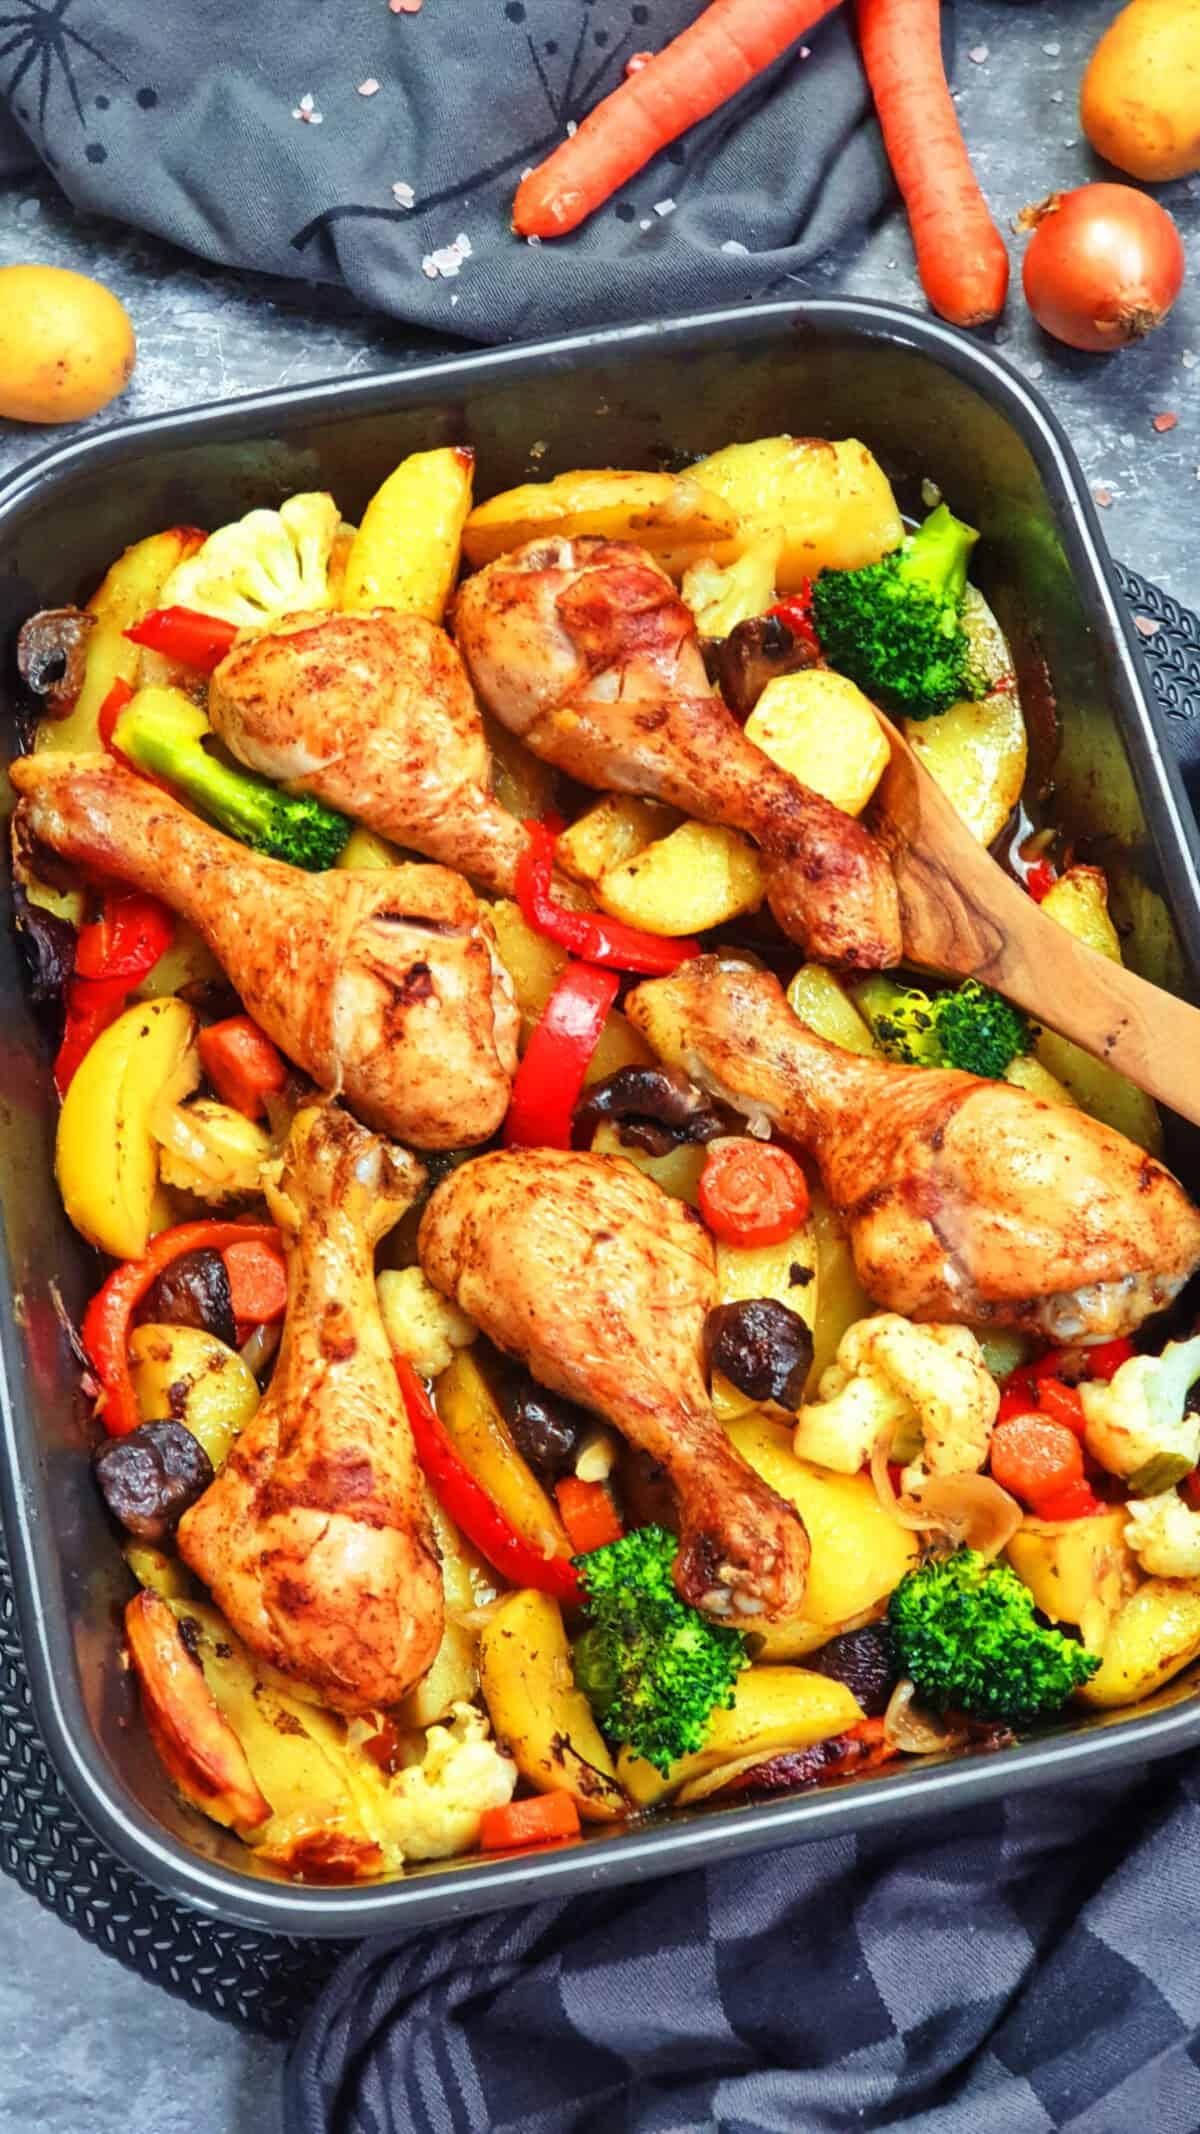 In einer dunklen Auflaufform Hähnchenschenkel mit buntem Gemüse und Kartoffeln aus dem Ofen. Im Hintergrund Deko.